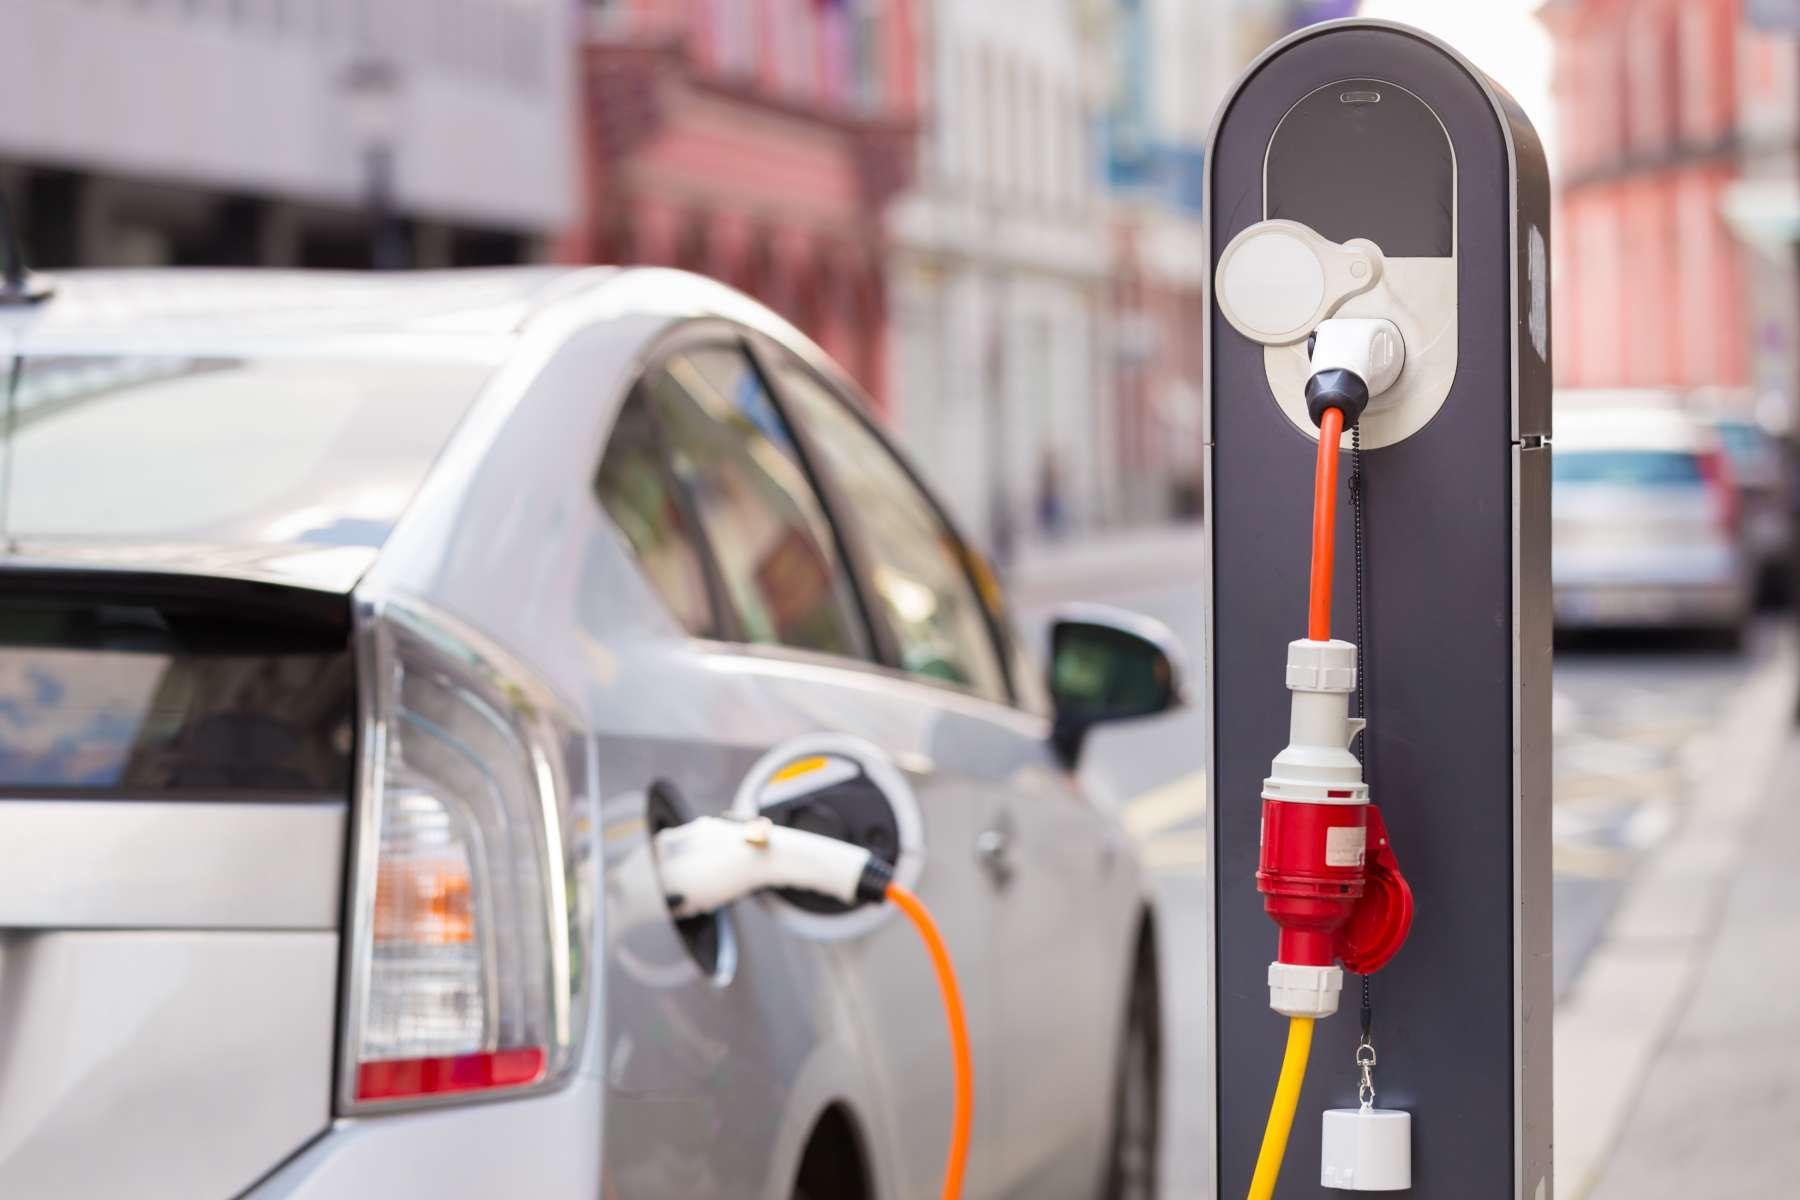 12,4 millions d'euros en faveur du développement des carburants alternatifs et de la mobilité partagée en Wallonie